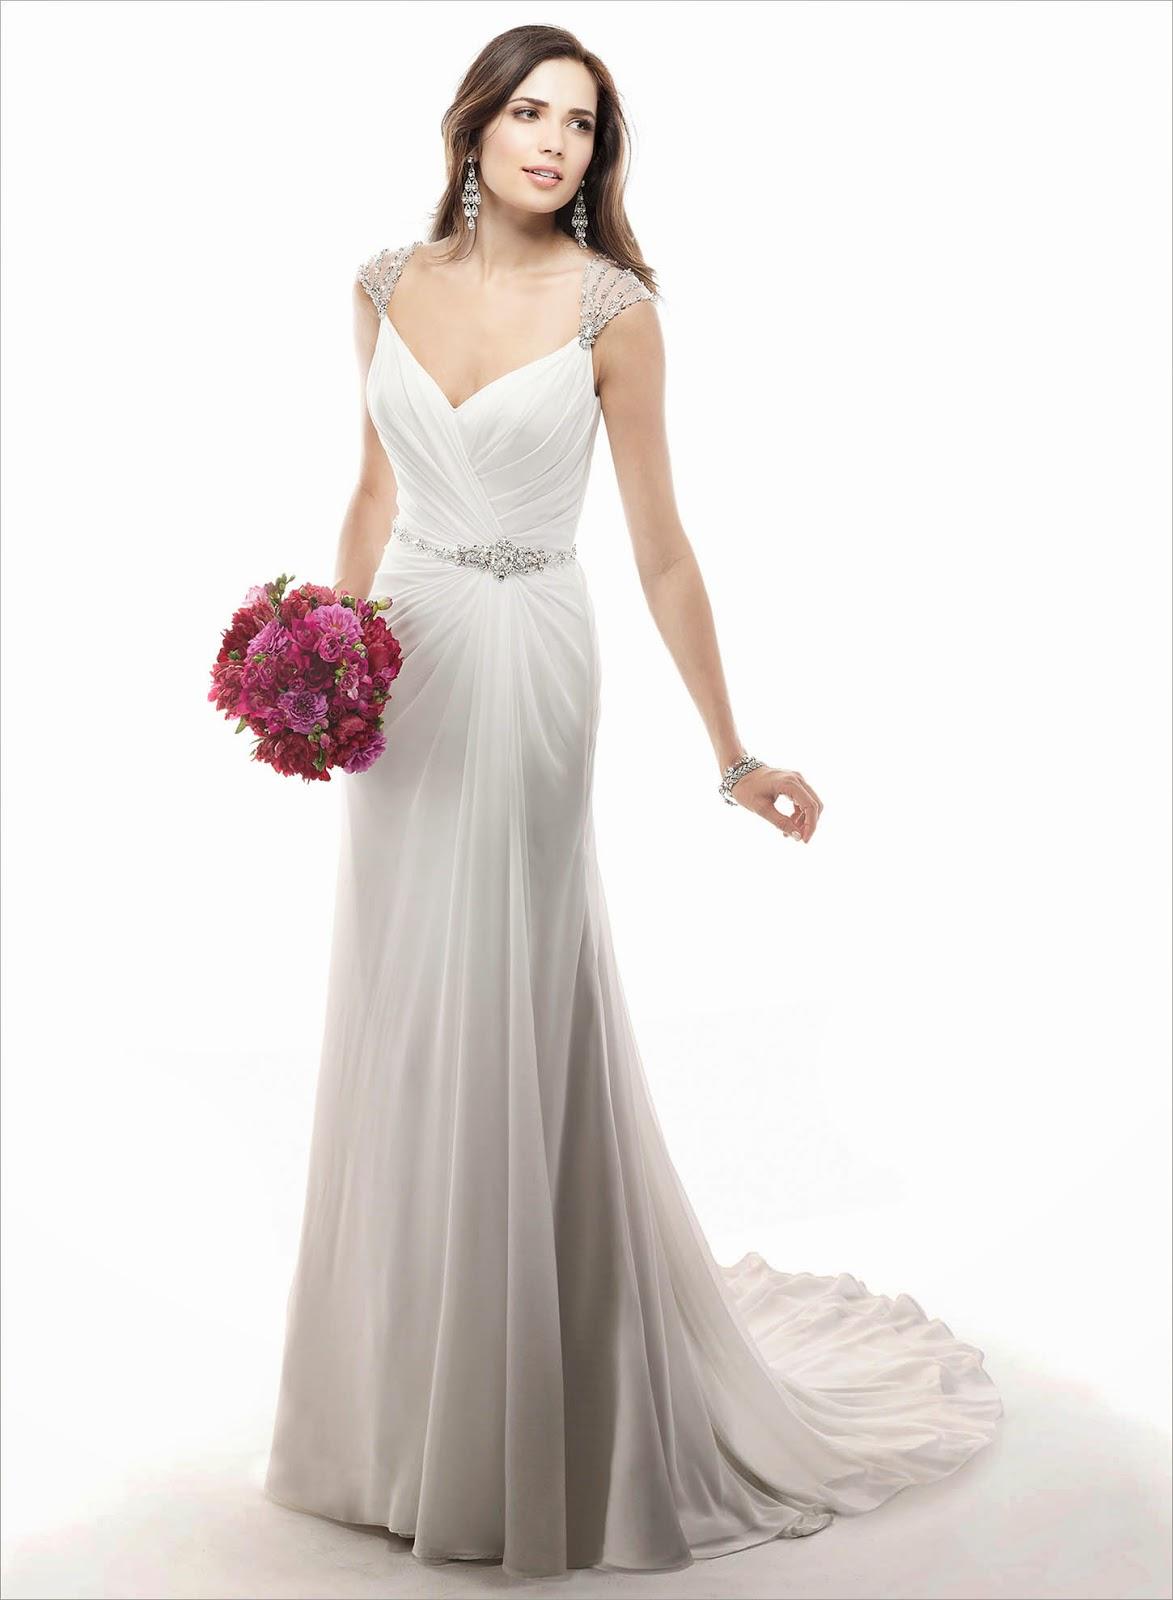 Top Euro Contest: Abiti da Sposa Abiti da Sera Prom Dresses and  CD39